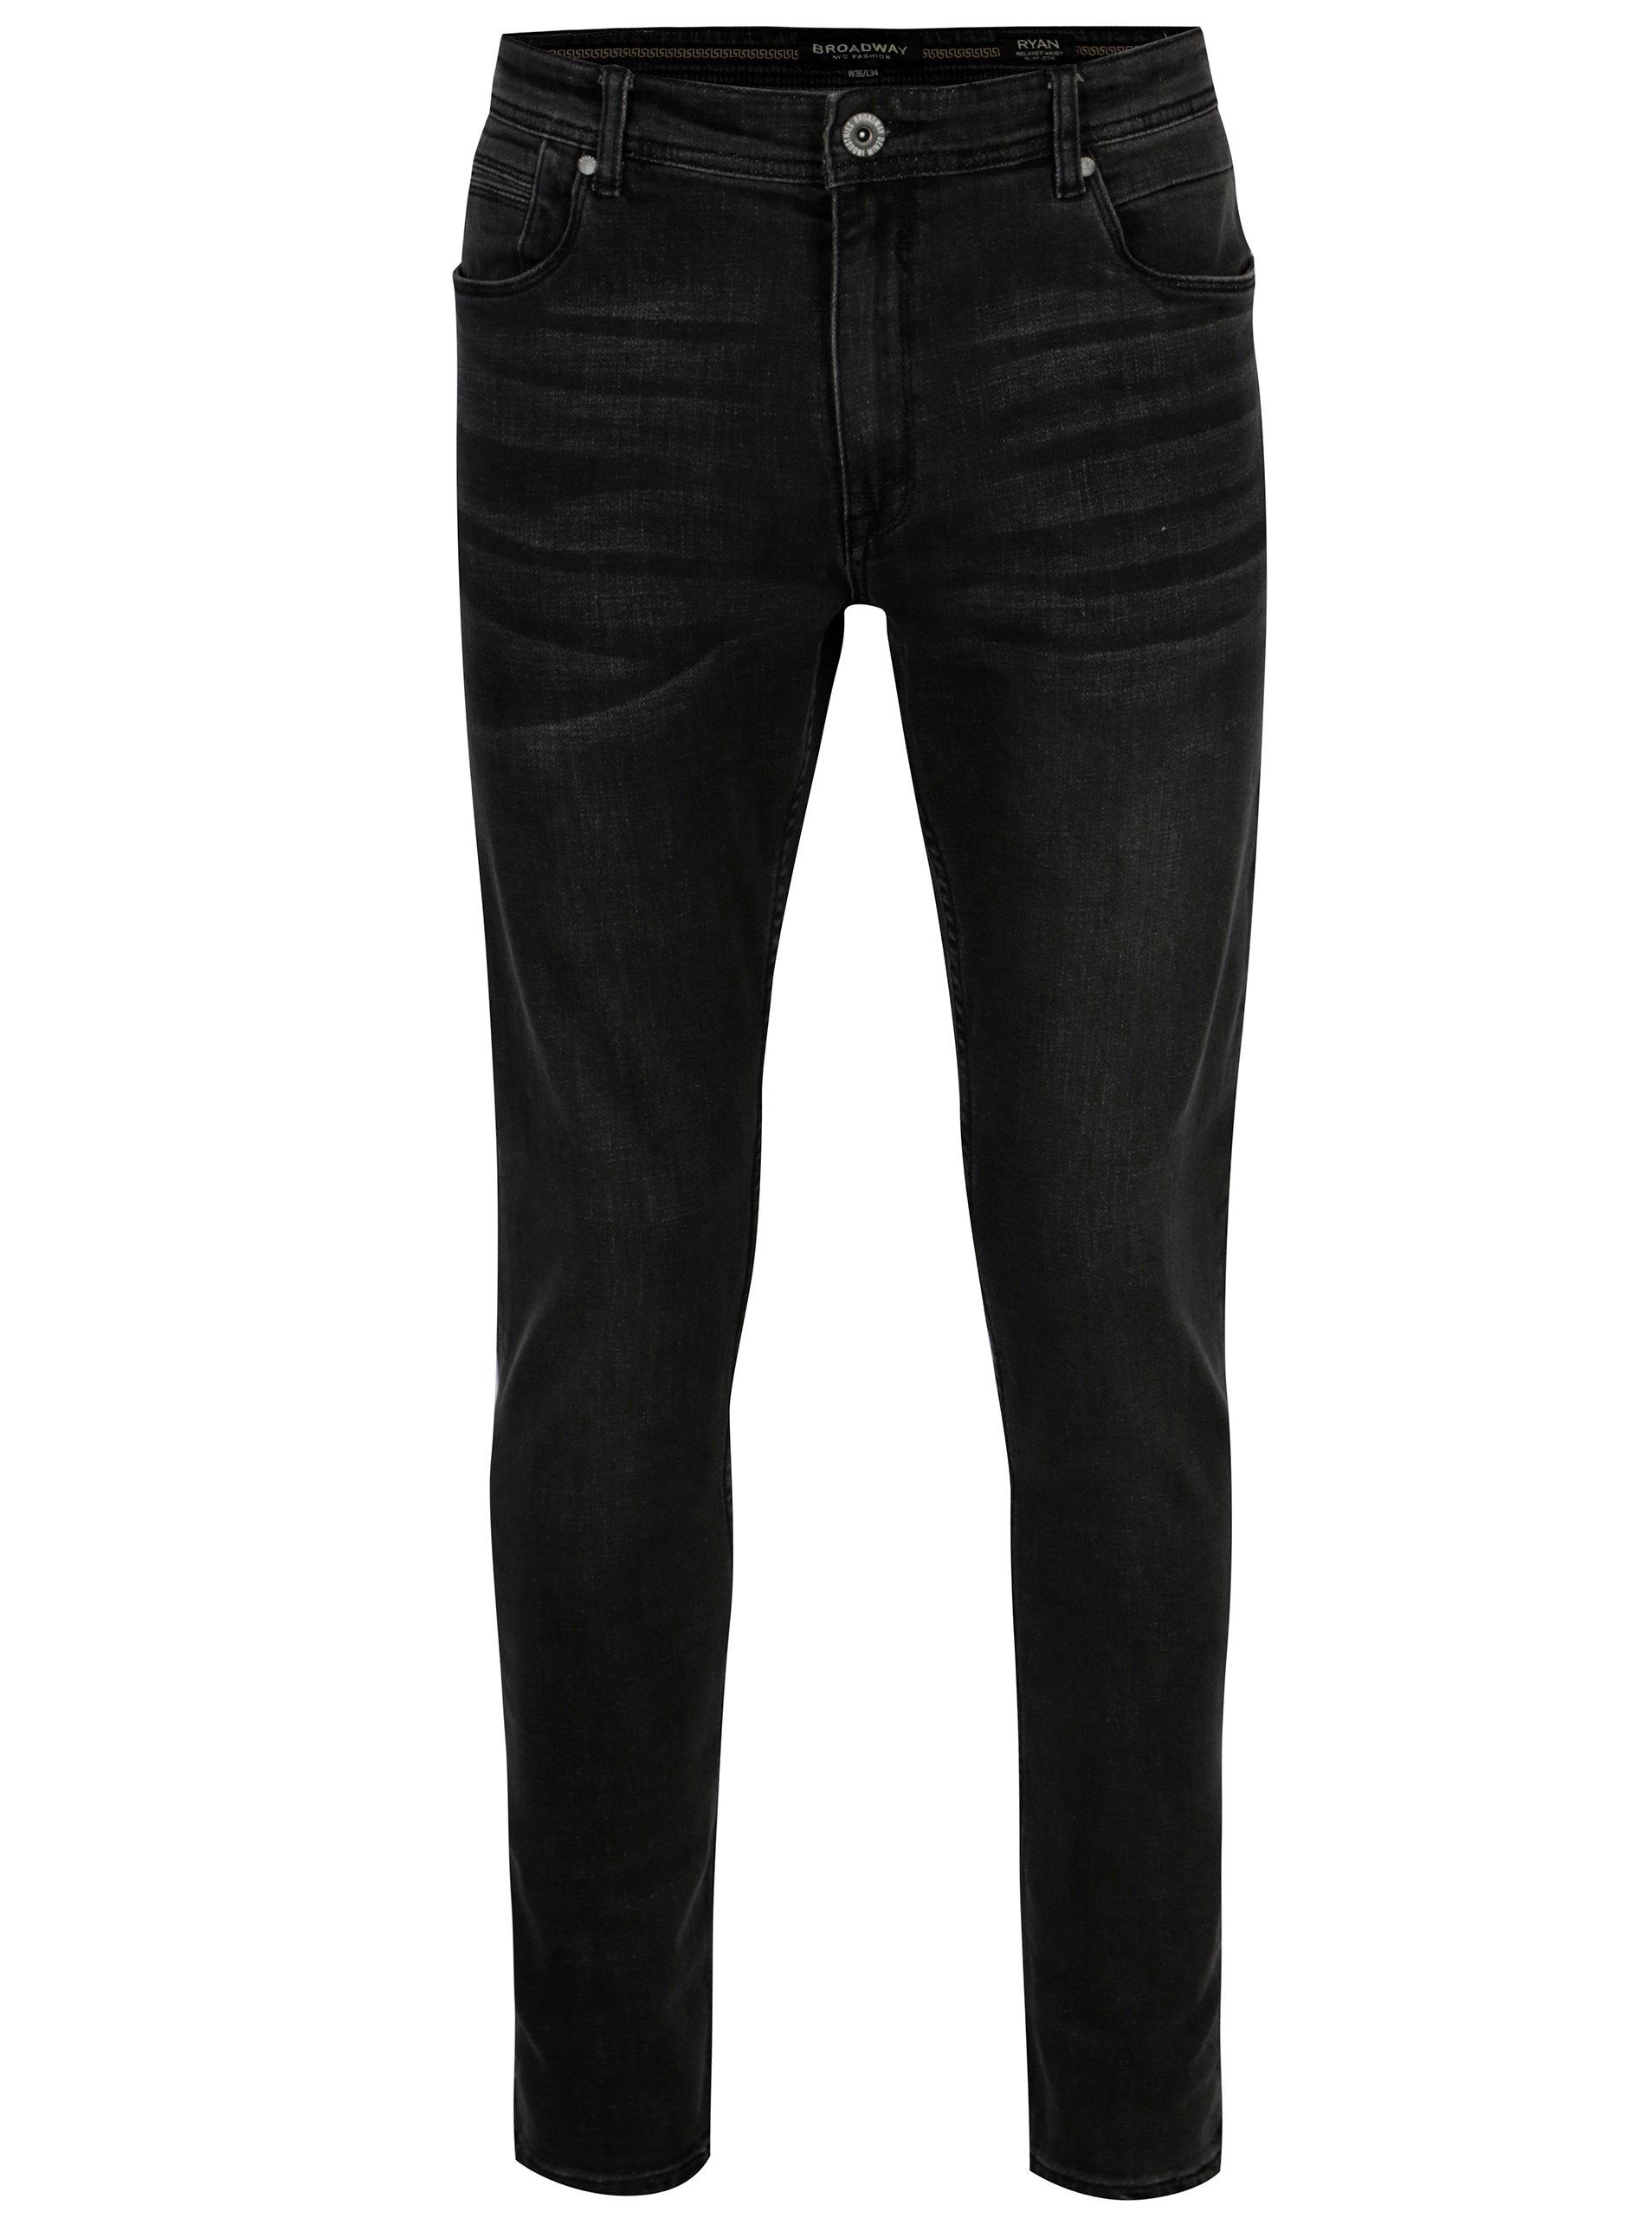 Fotografie Tmavě šedé pánské džíny Broadway Ryan